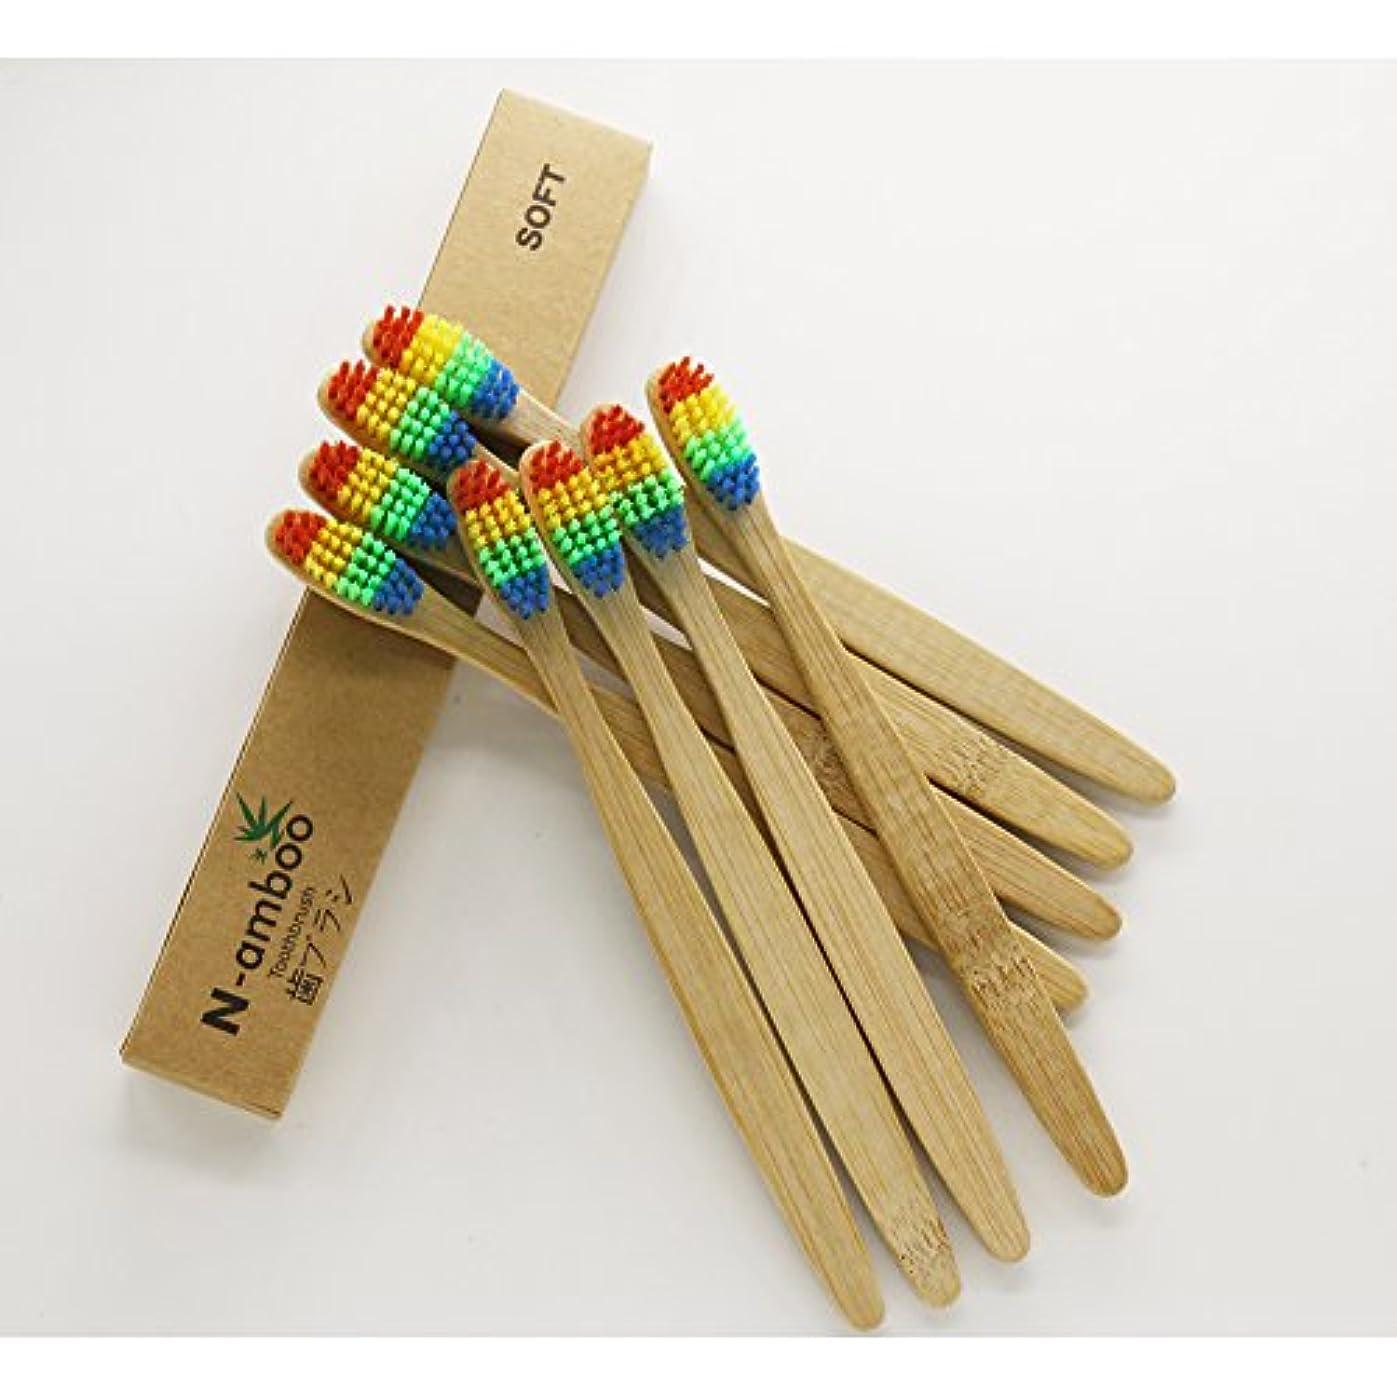 寂しい説得やろうN-amboo 竹製 耐久度高い 歯ブラシ 四色 虹(にじ) 8本入り ファミリー セット